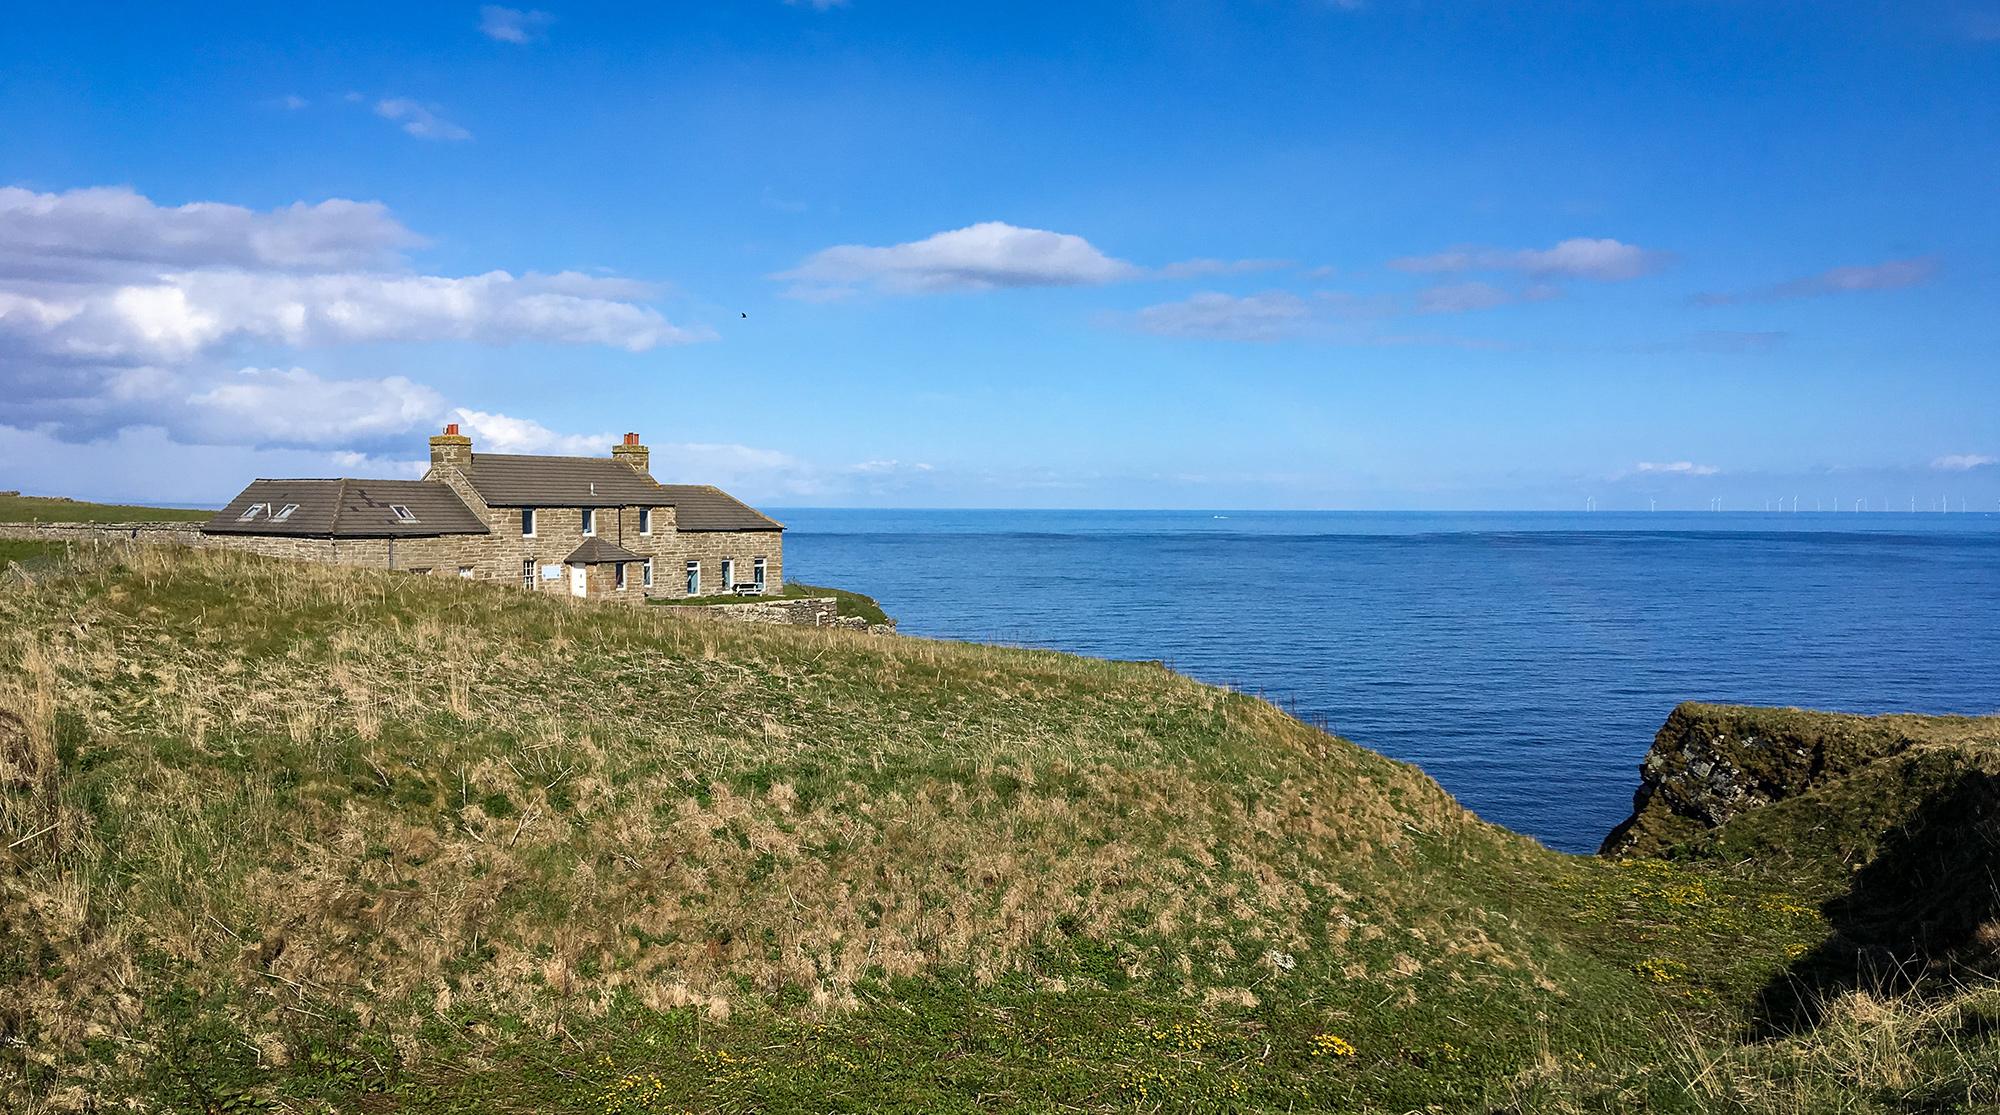 Whaligoe Steps House